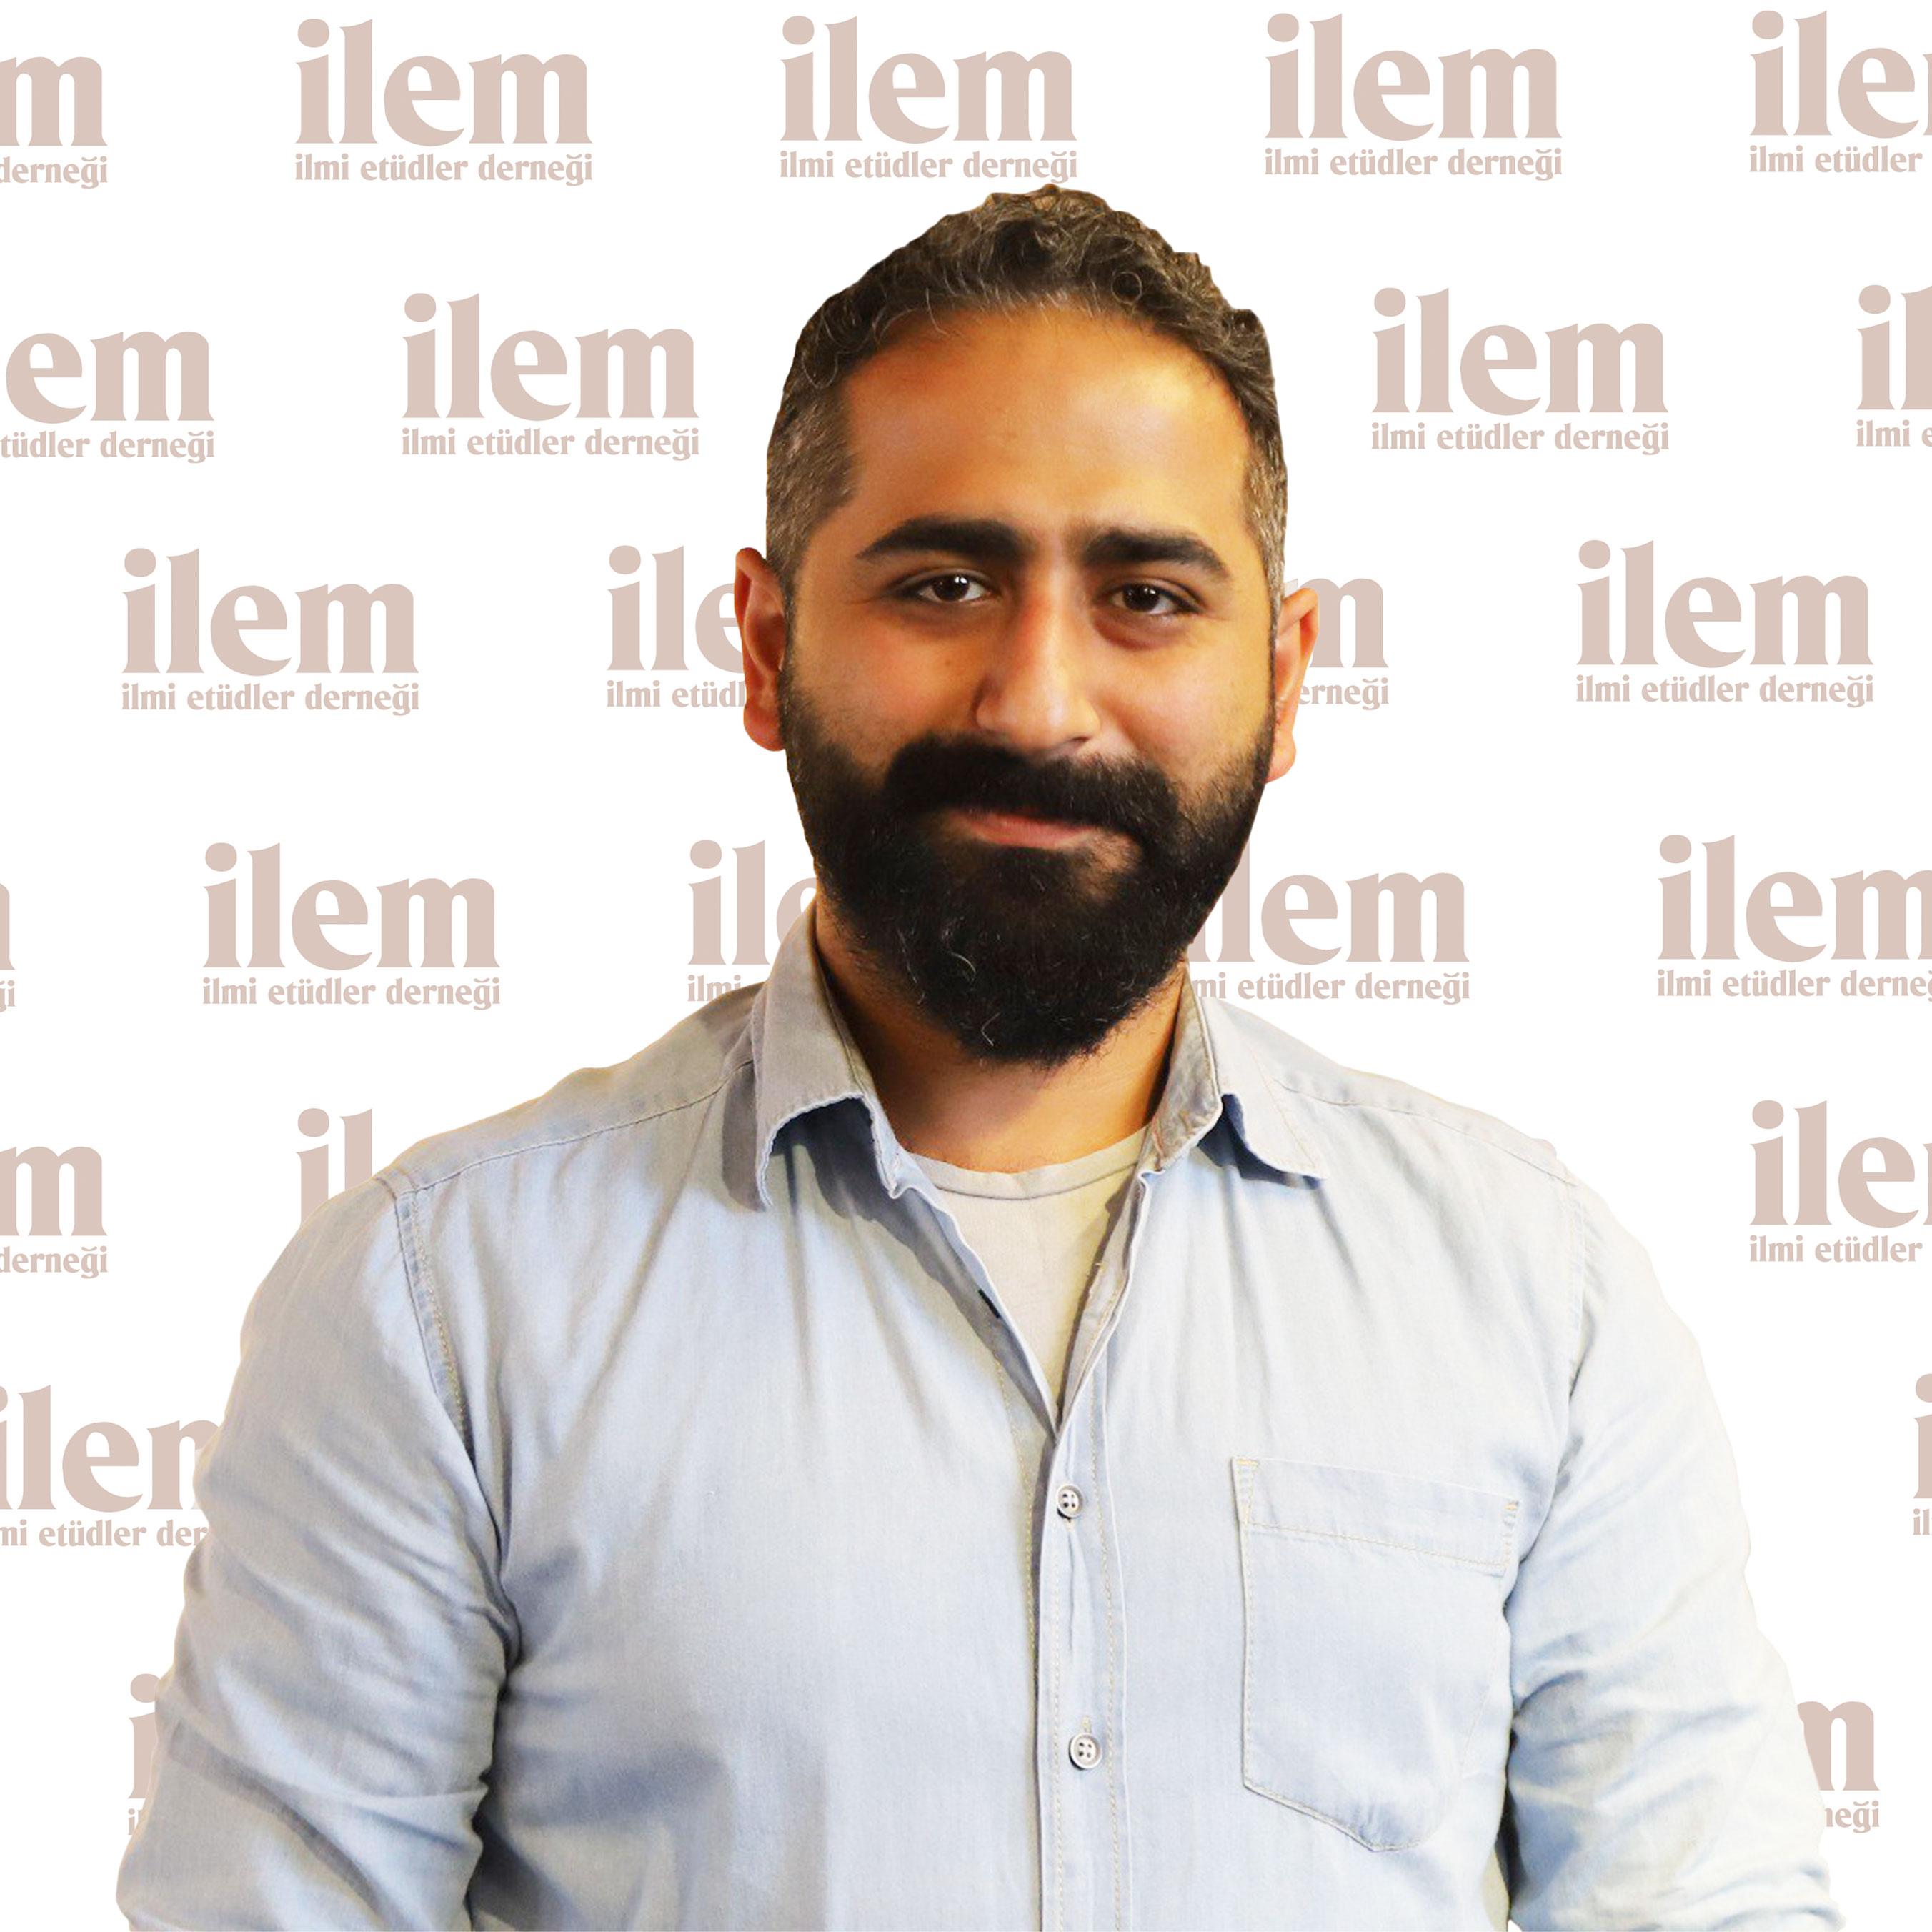 Ahmet Enis Gürcan